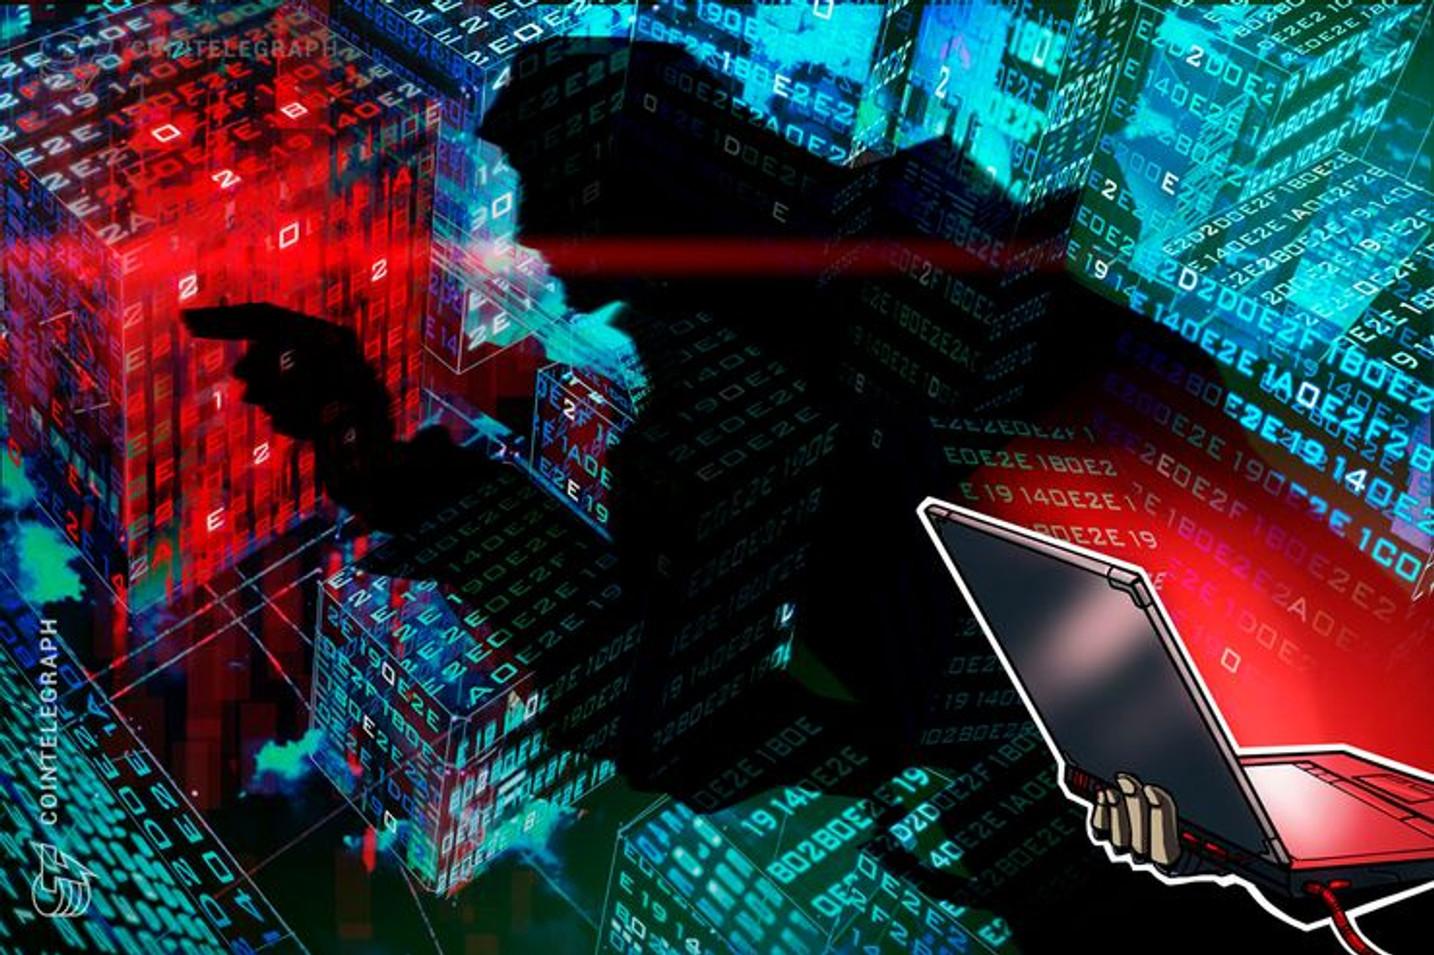 Una firma española especializada en ciberseguridad y ciberinteligencia, lanzó un emprendimiento que hace foco en blockchain